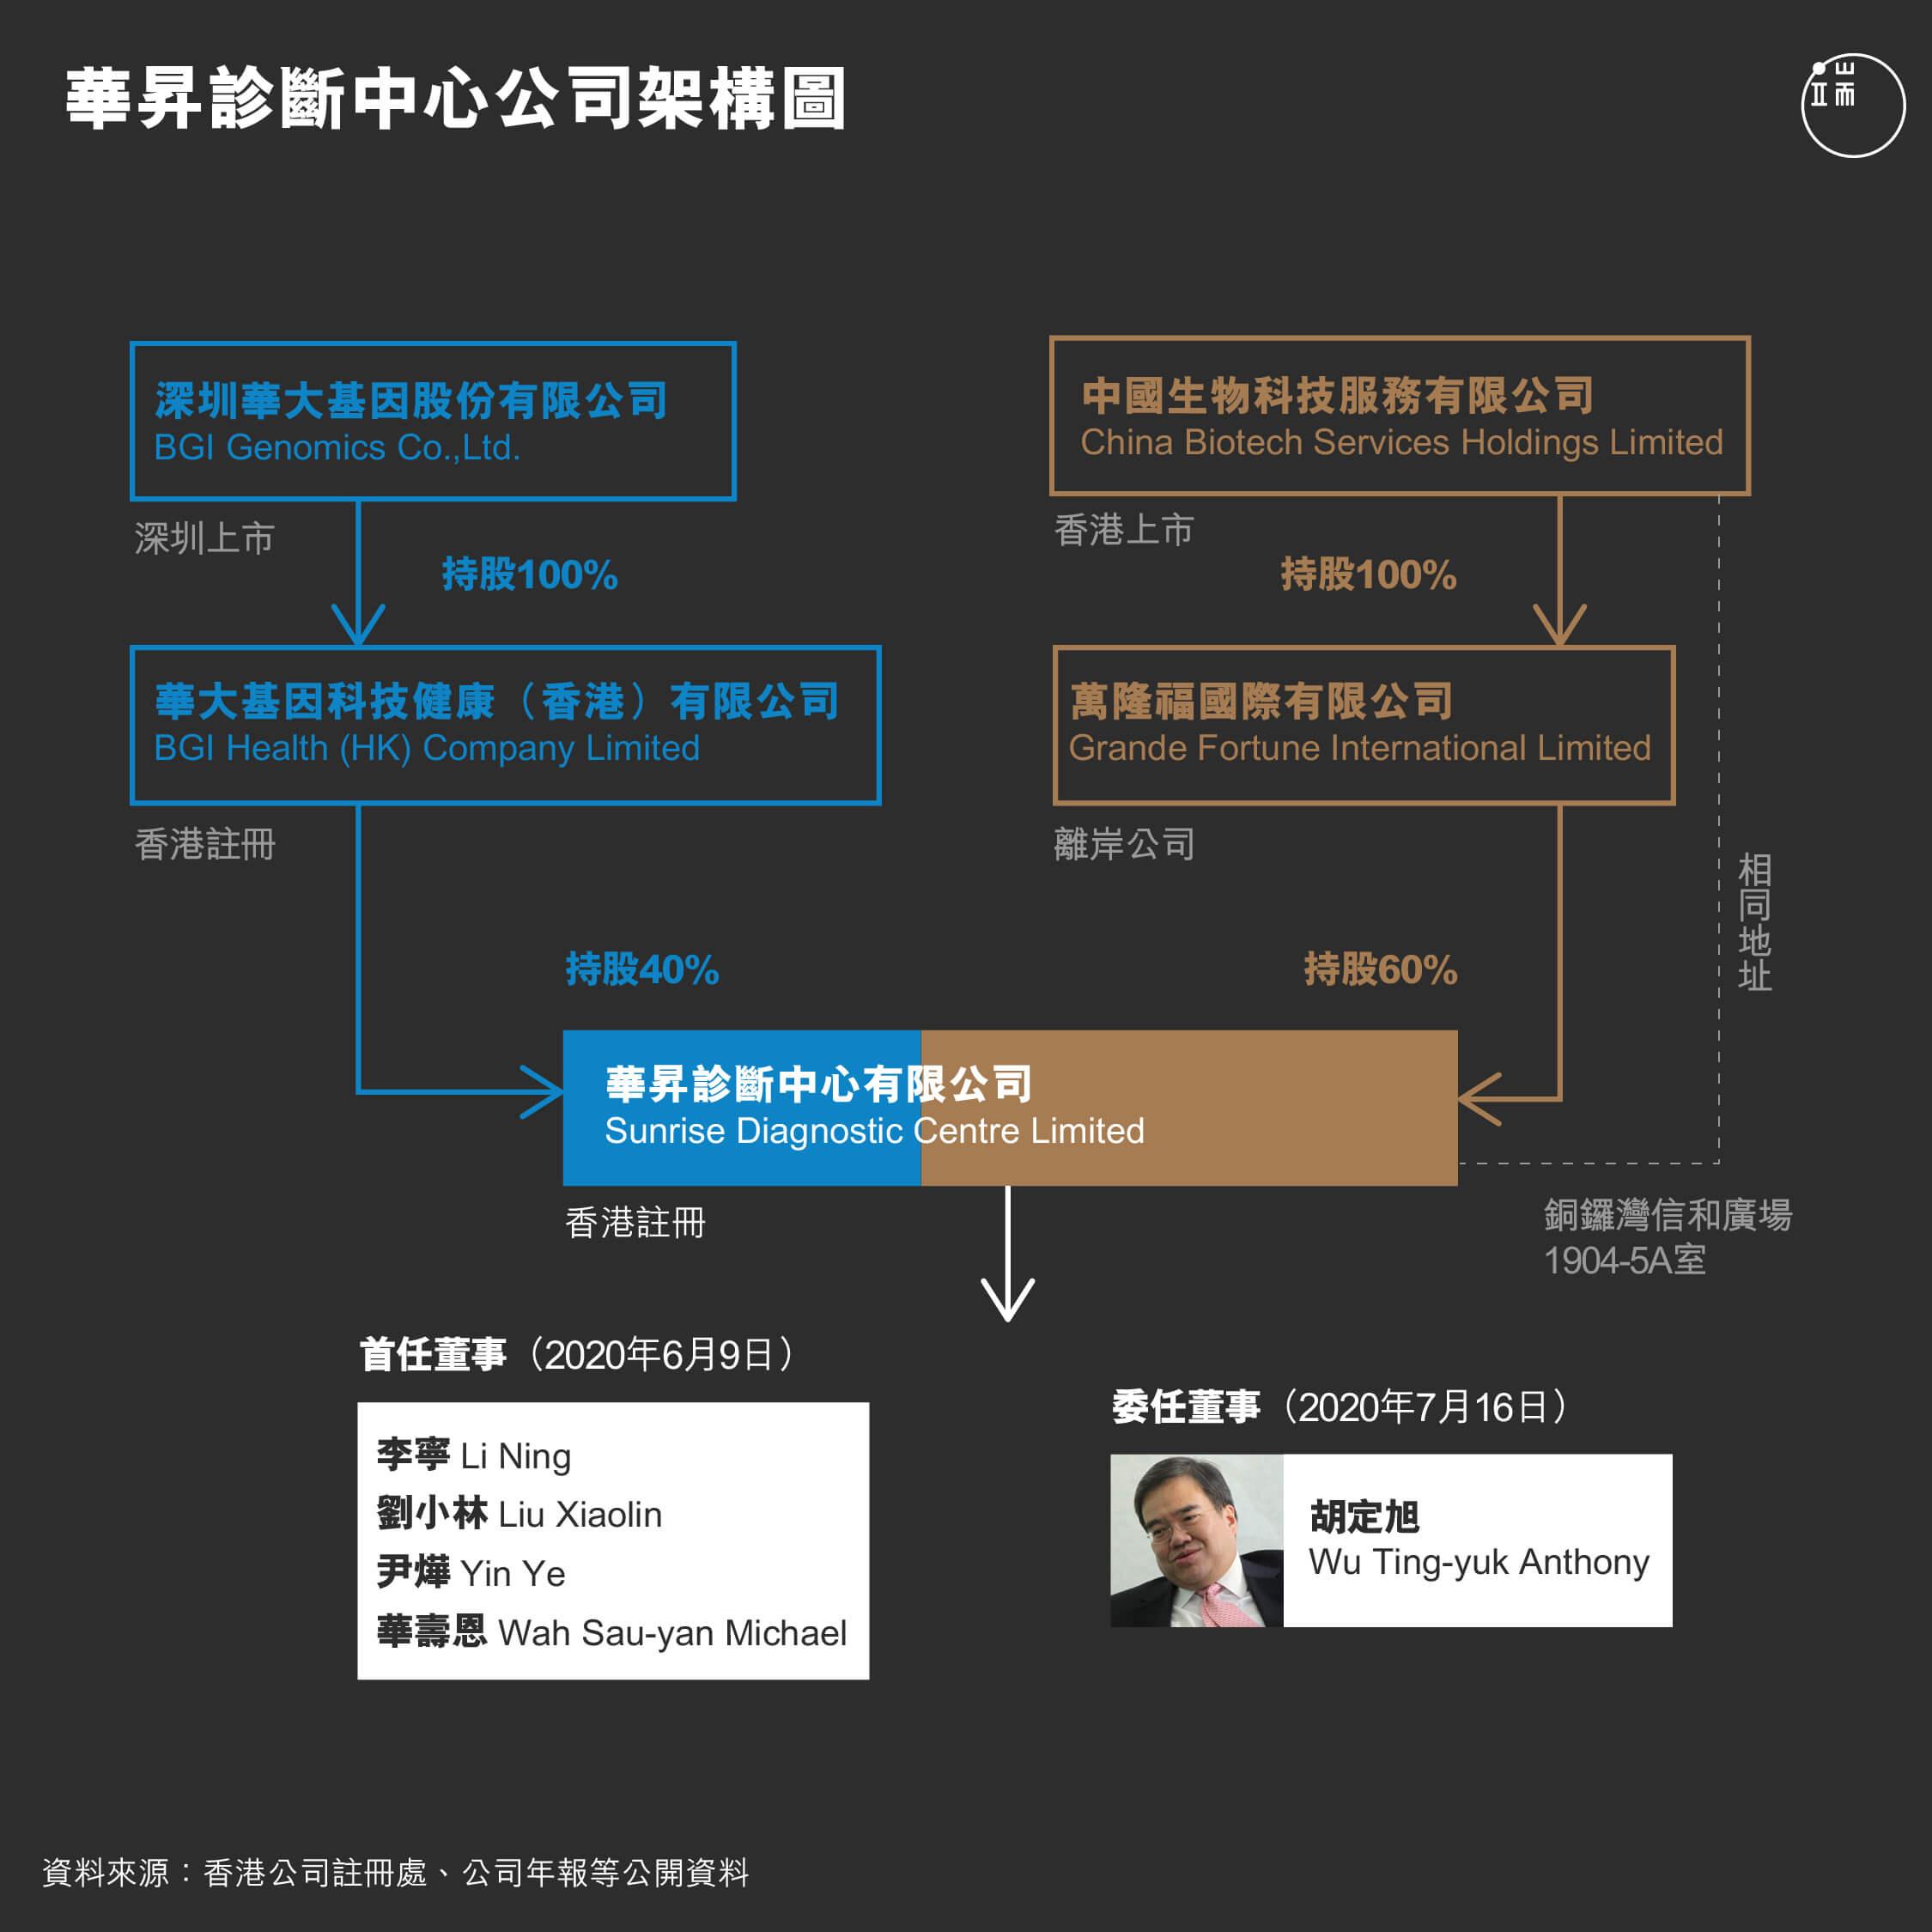 華昇診斷中心公司架構圖